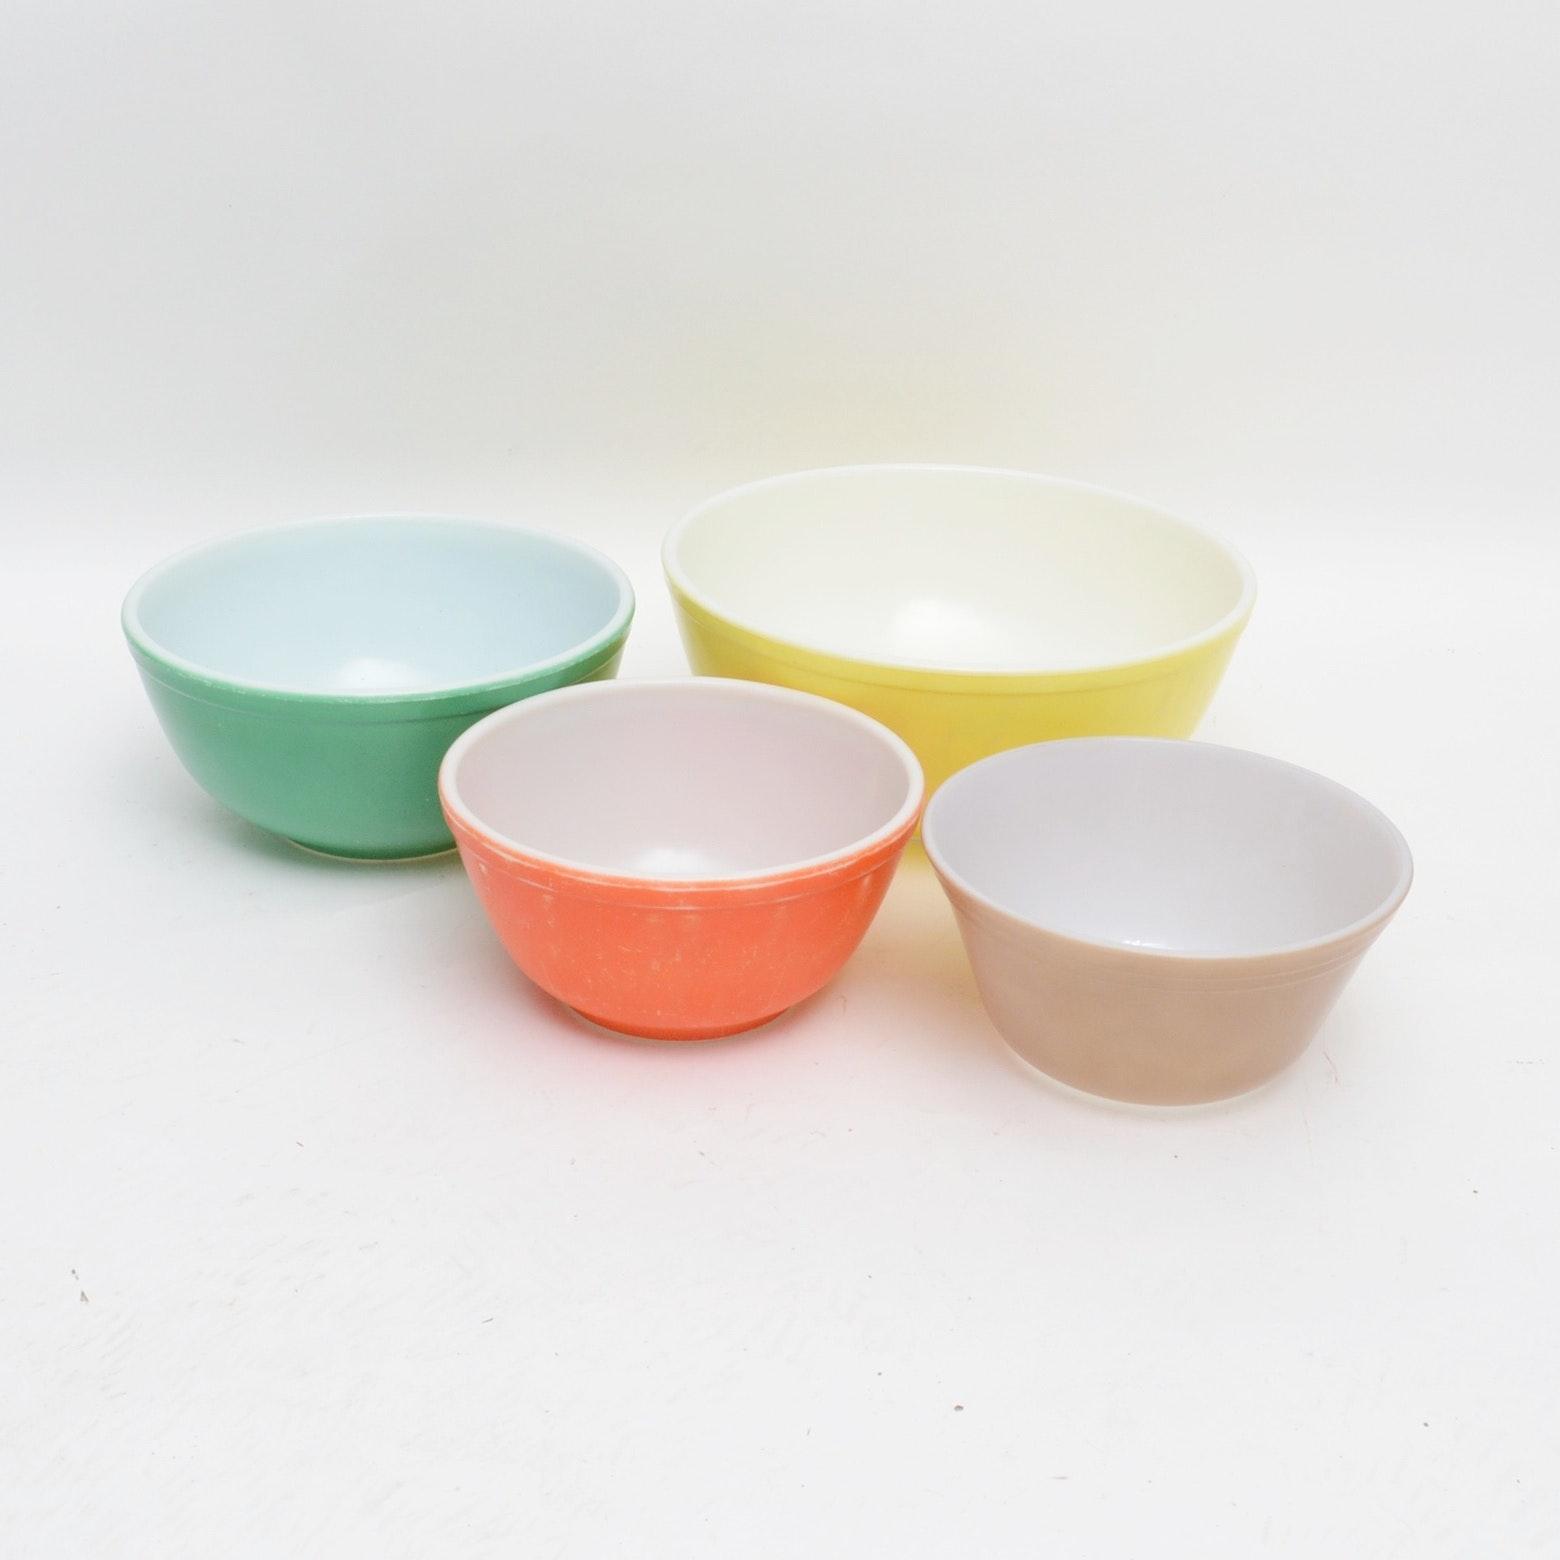 Four Pyrex Mixing Bowls